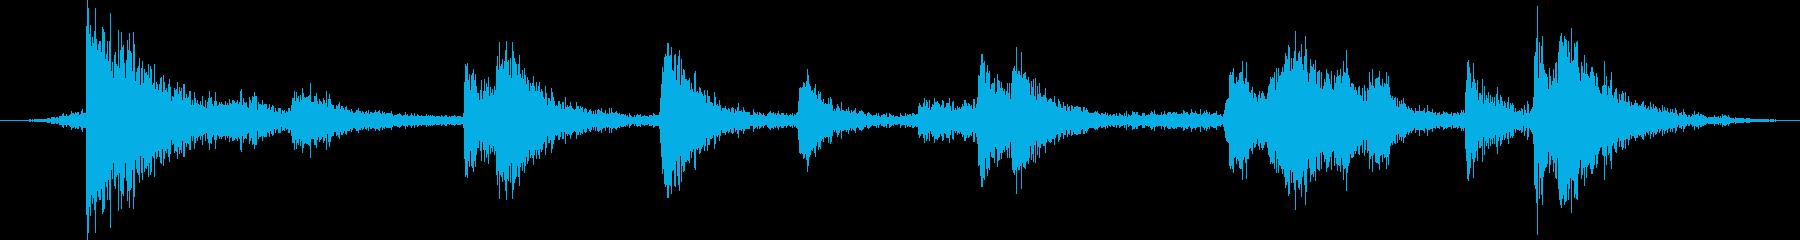 大きい金属ビーム:コンテナ、ヘビー...の再生済みの波形